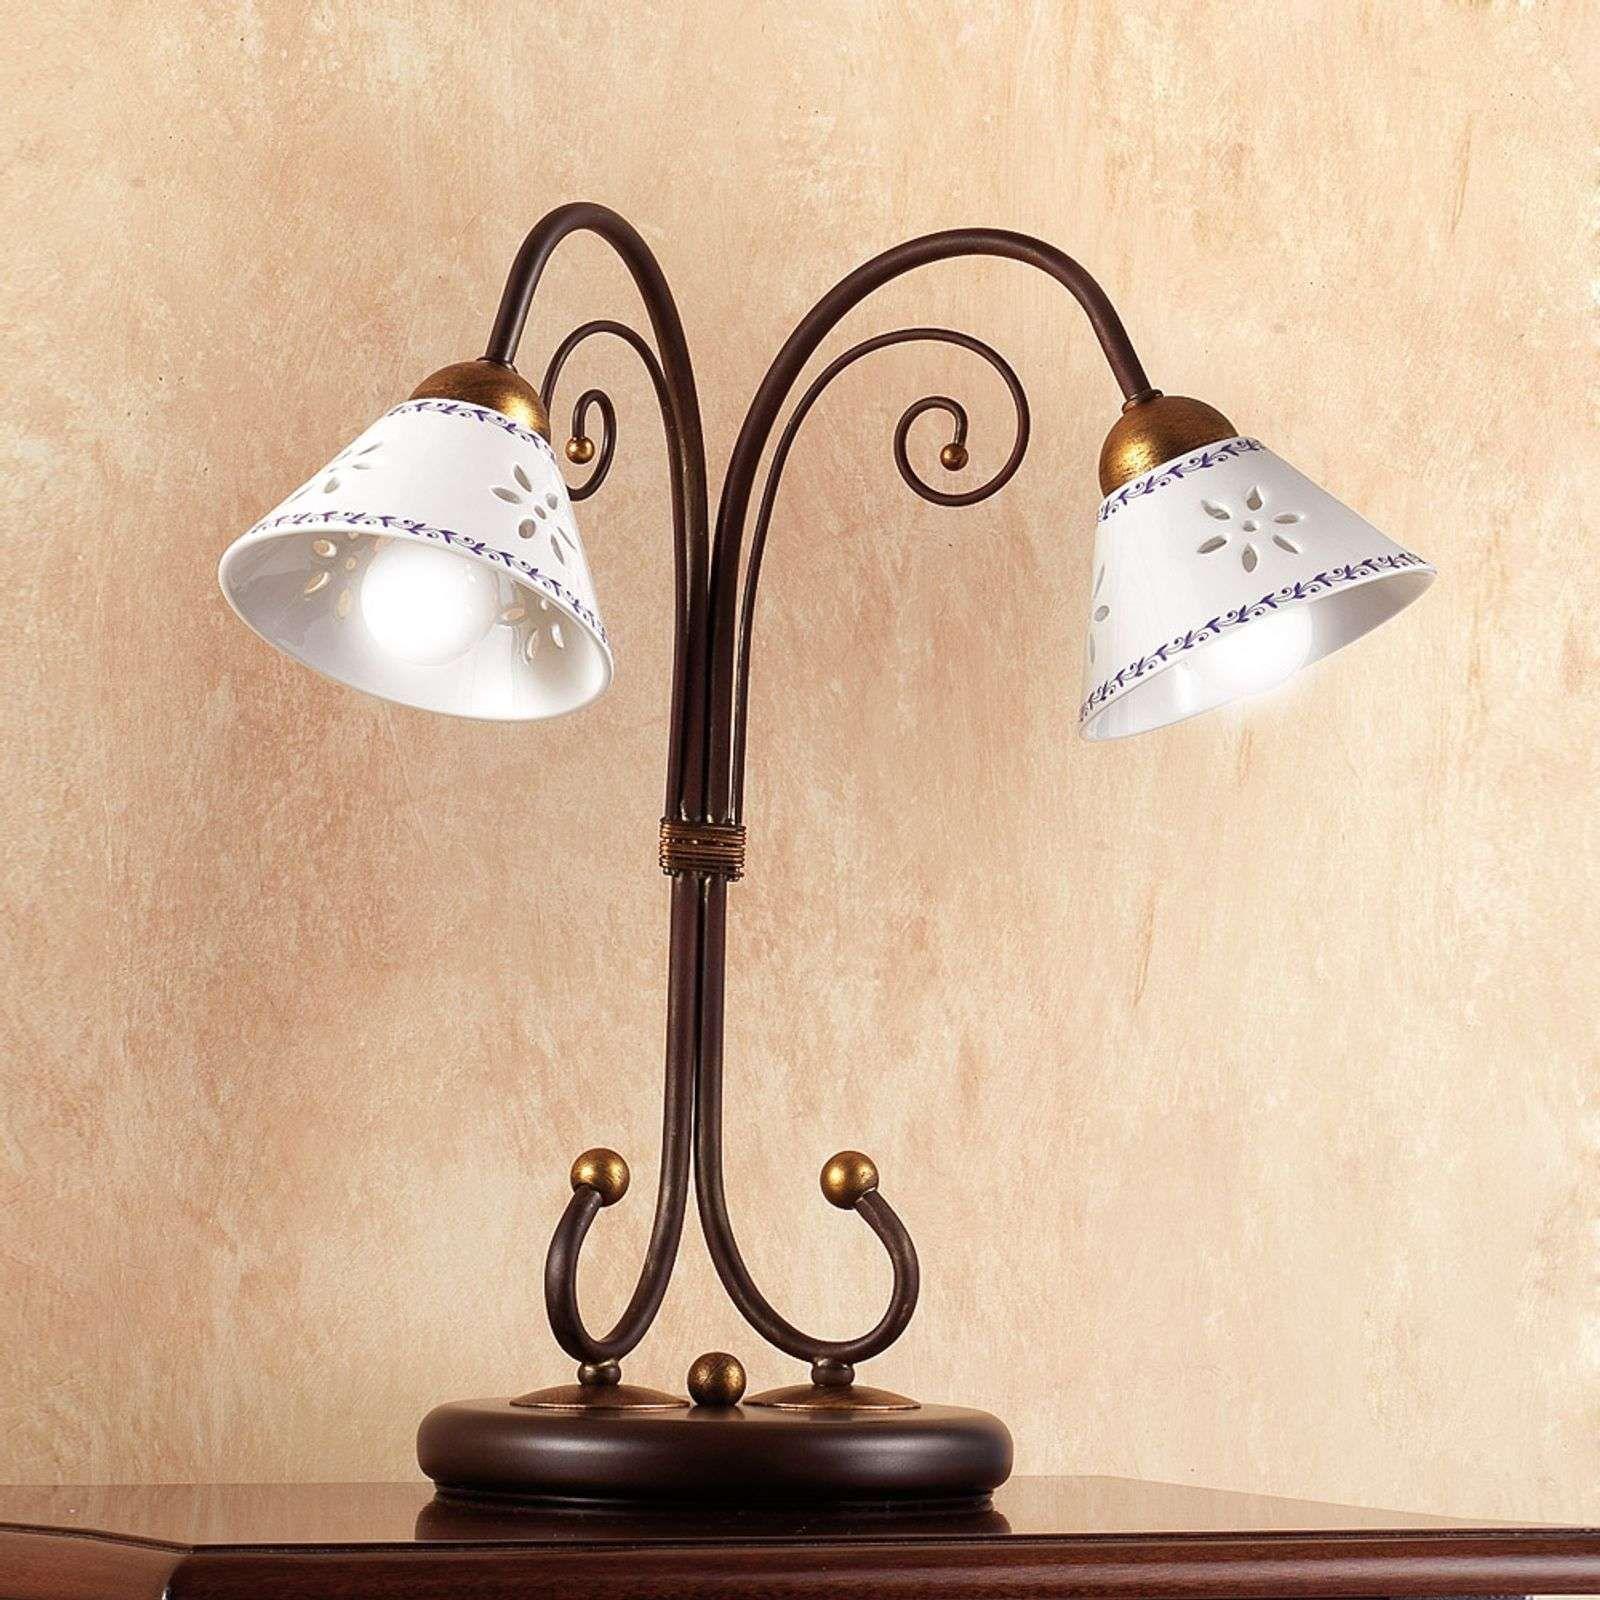 2 Flammige Tischleuchte Liberty Avec Images Lampes De Table Lampe Salon Luminaire